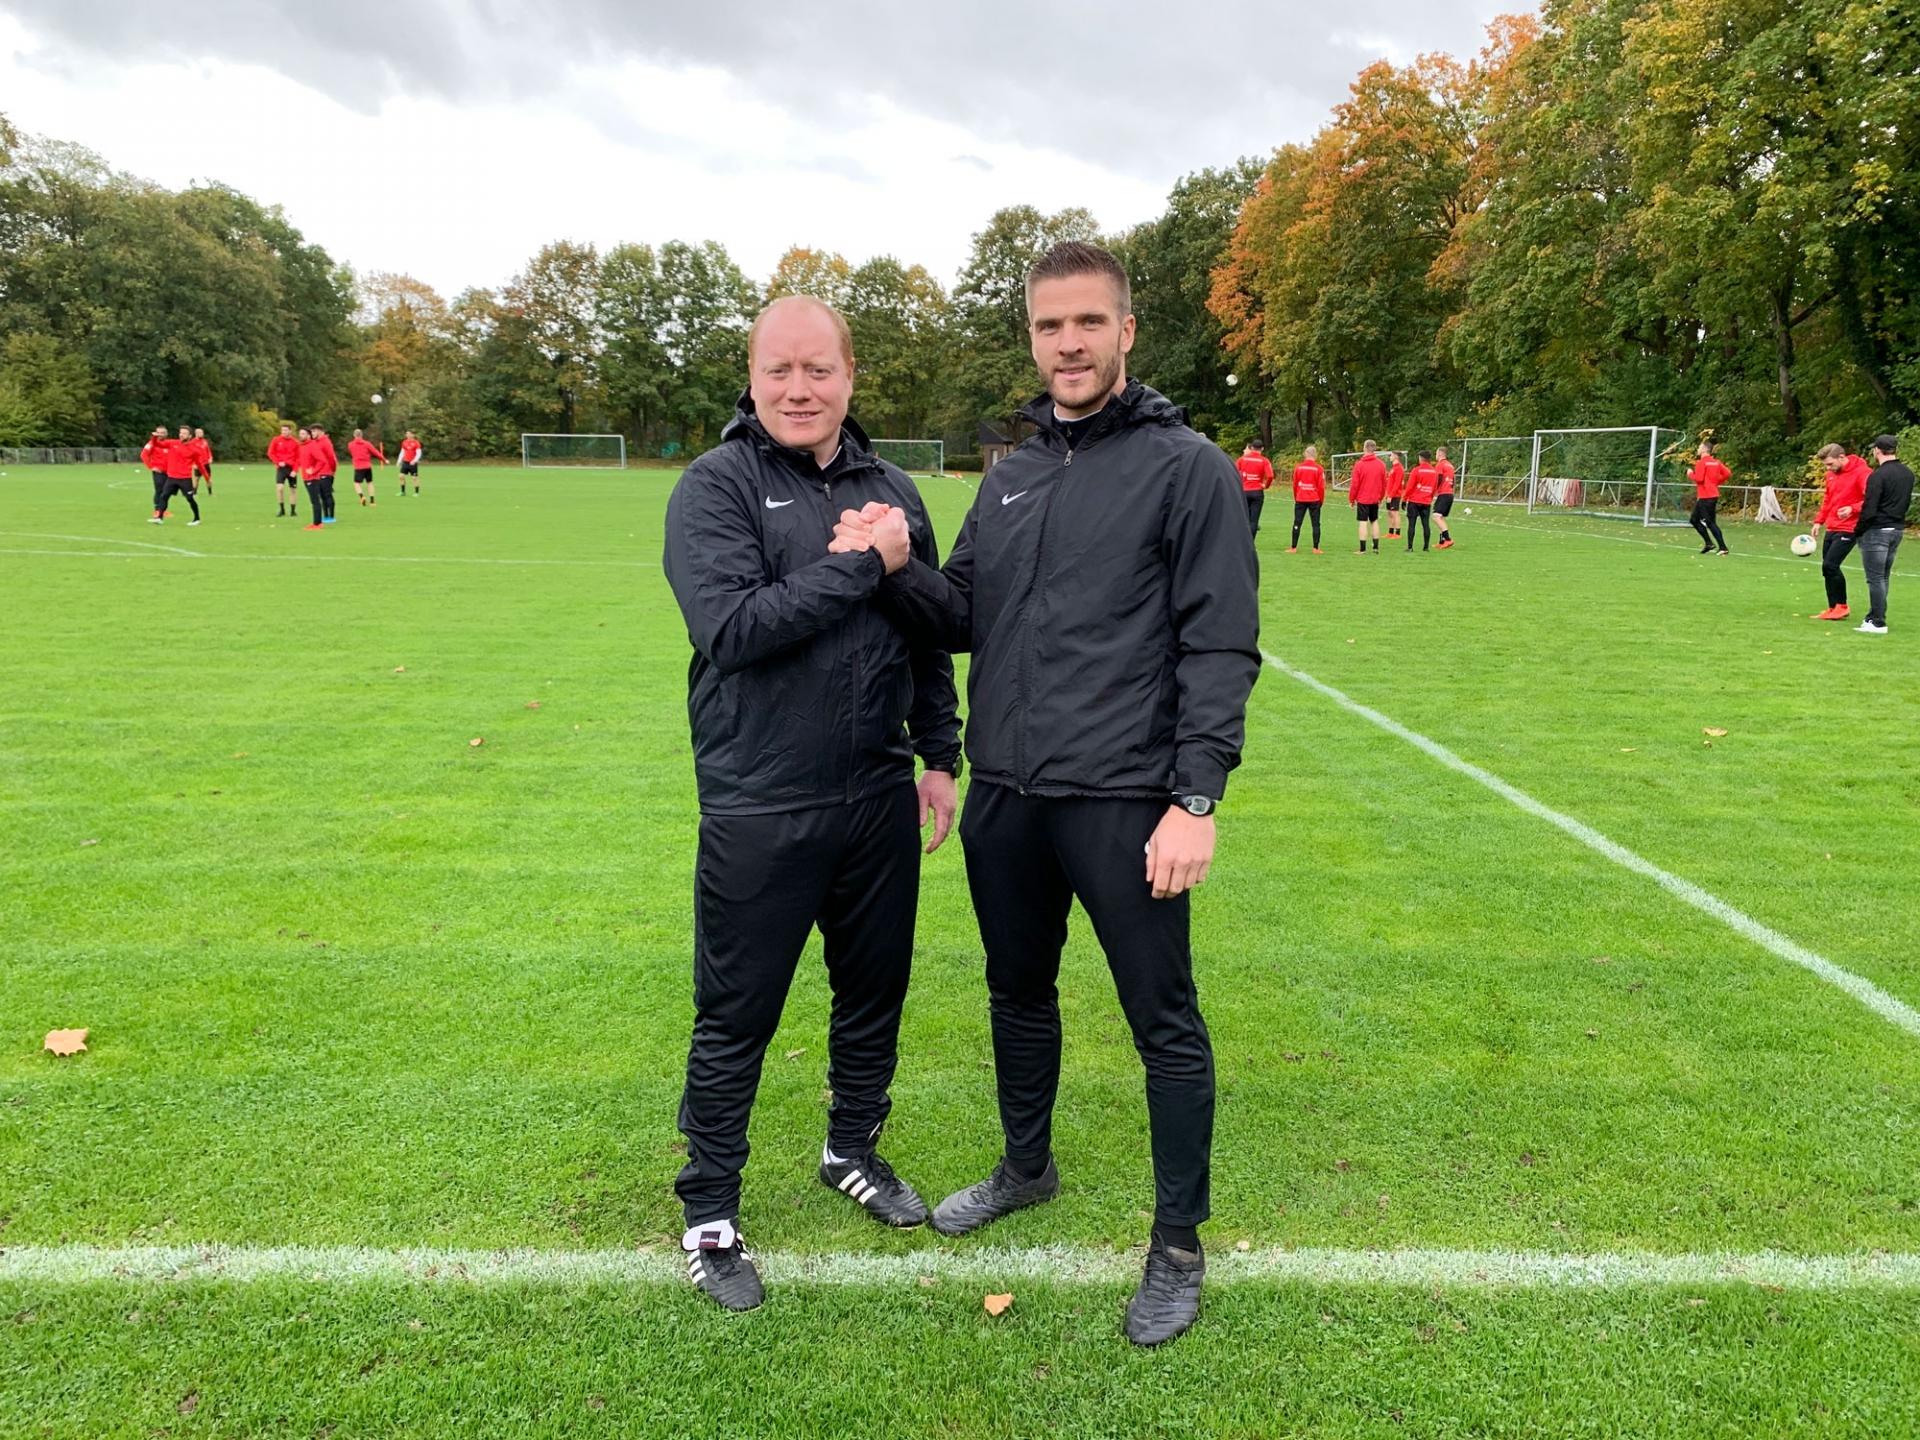 Das neue Team an der Seitenlinie: Co-Trainer Sebastian Busch und Trainer Tobias Damm